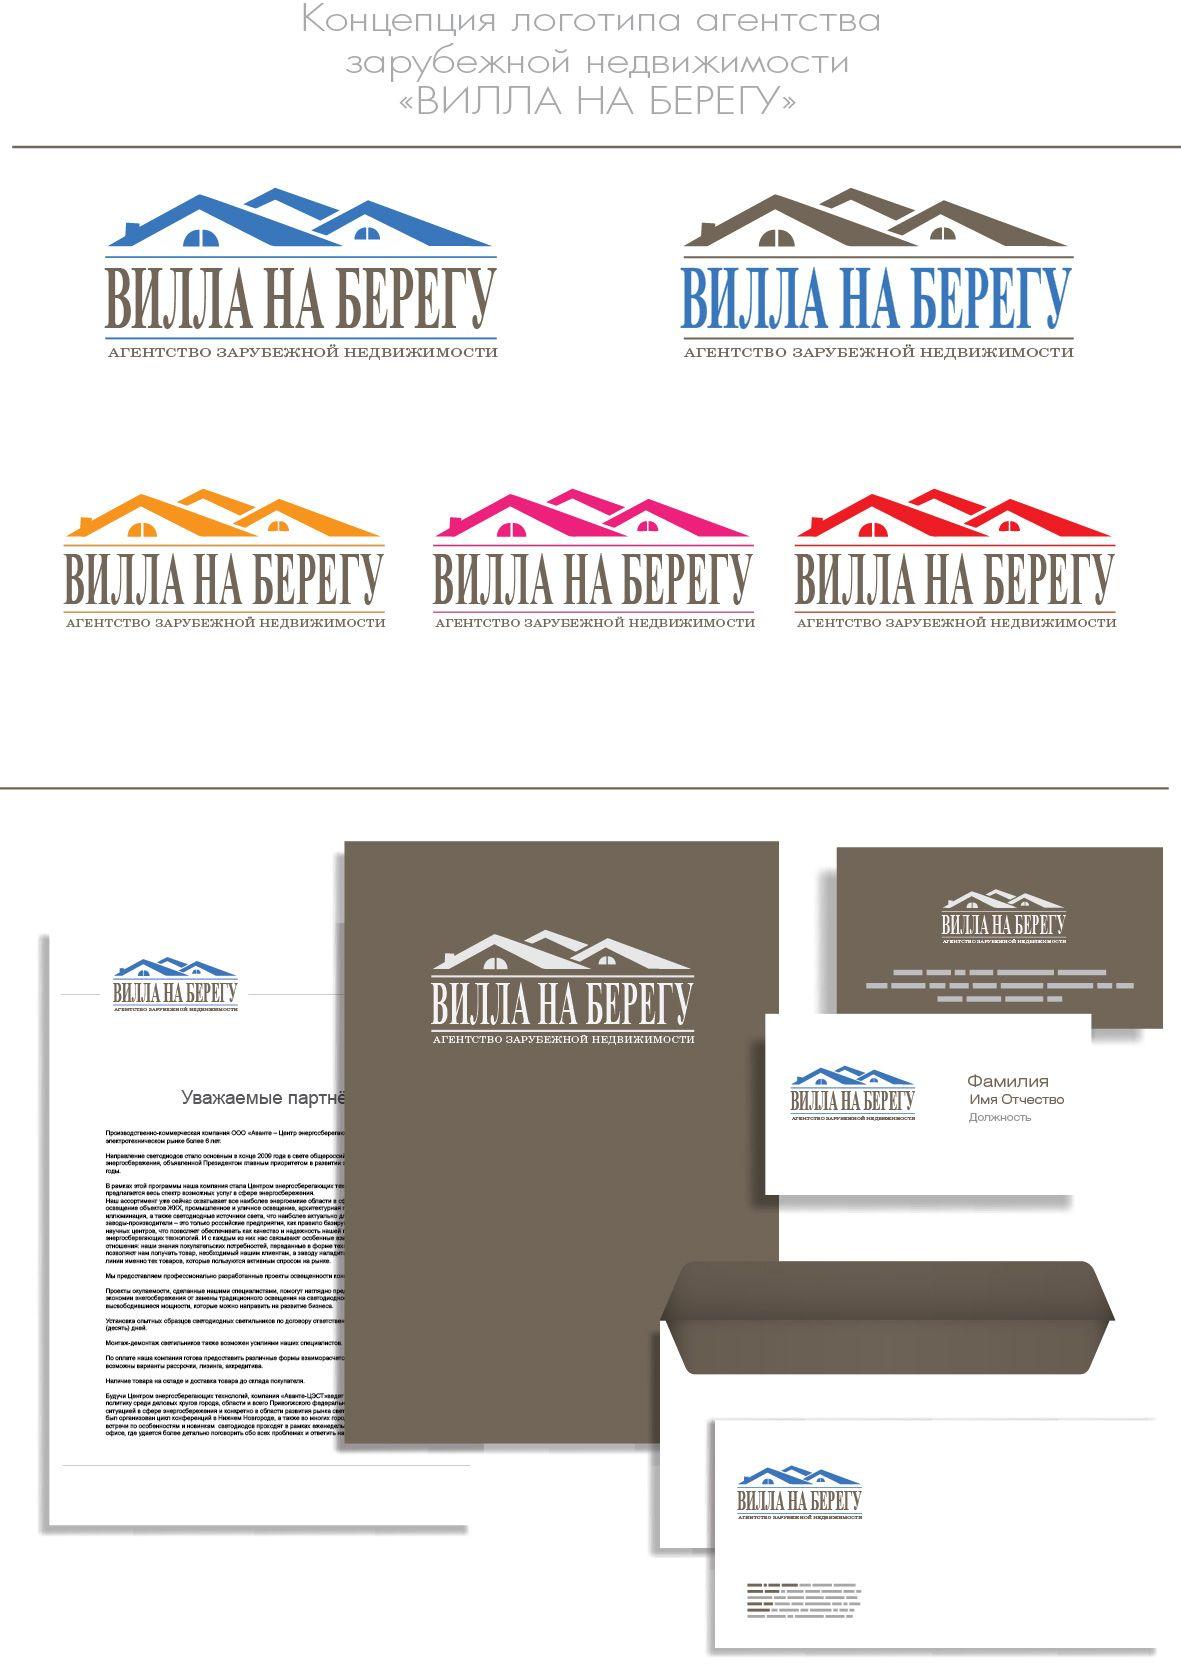 Фирстиль для агентства зарубежной недвижимости - дизайнер Silva